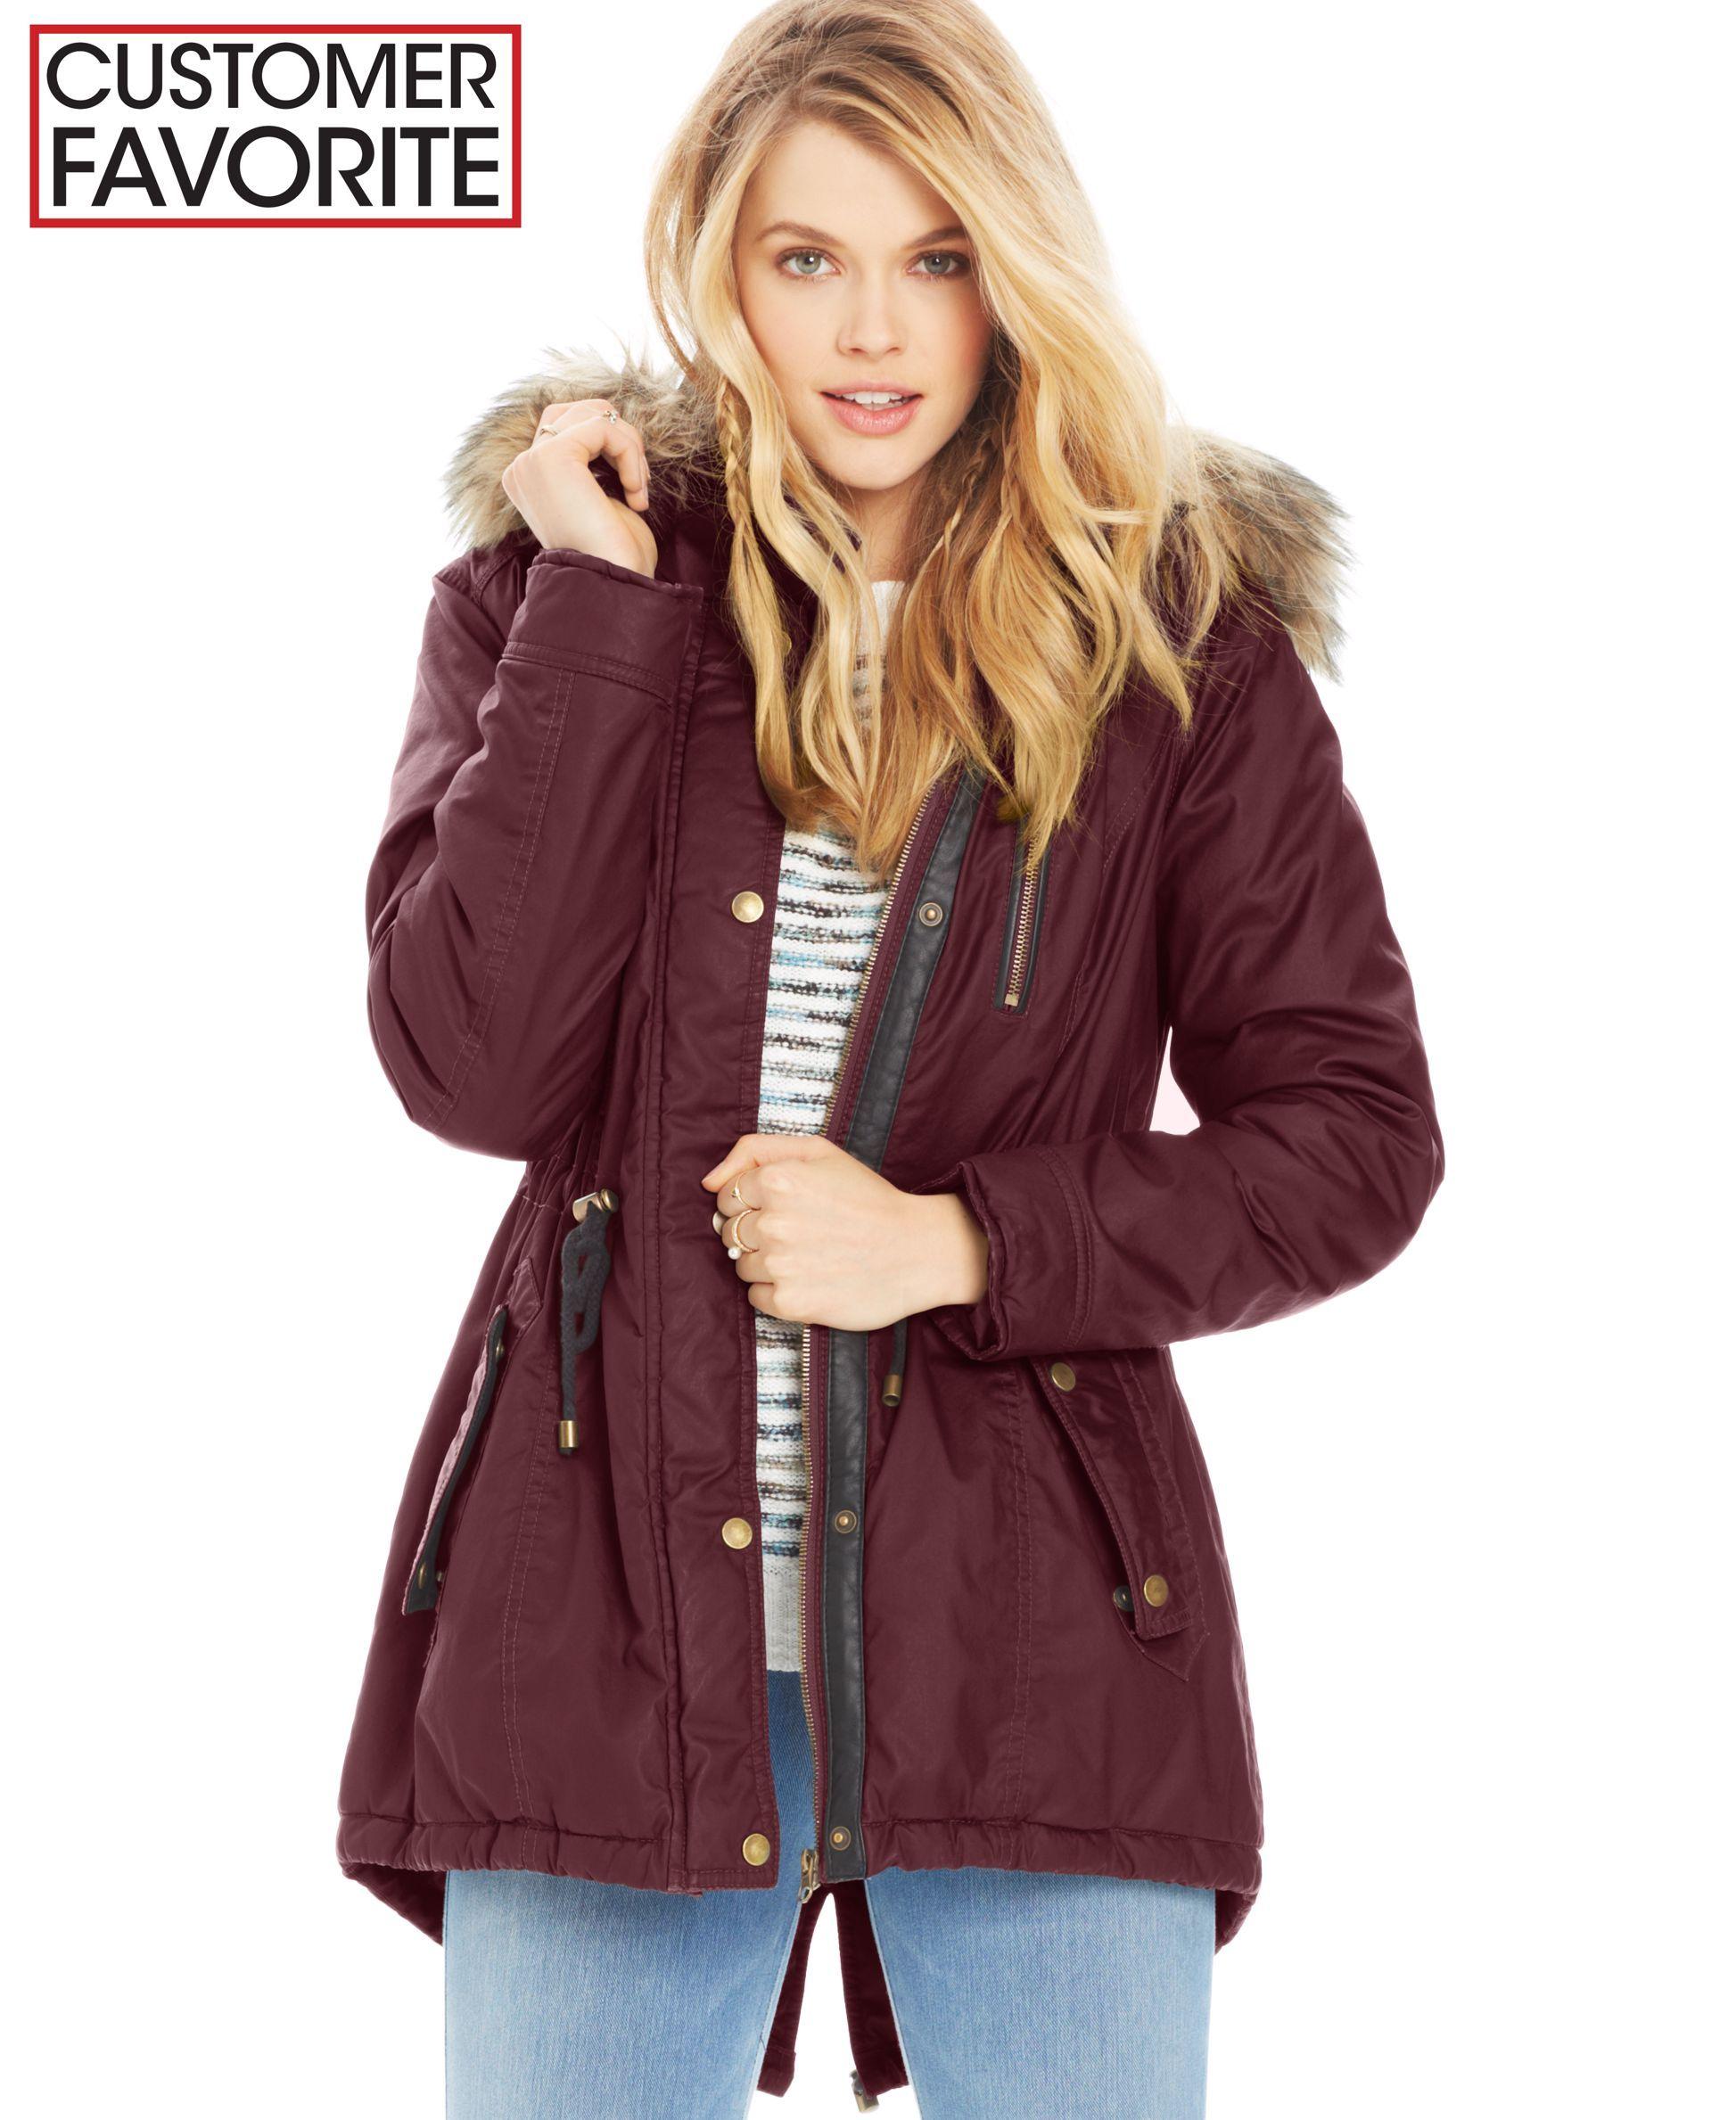 American Rag Coated Parka Coat Juniors Coats Macy S Junior Coats Parka Coat Junior Winter Coats [ 2378 x 1947 Pixel ]